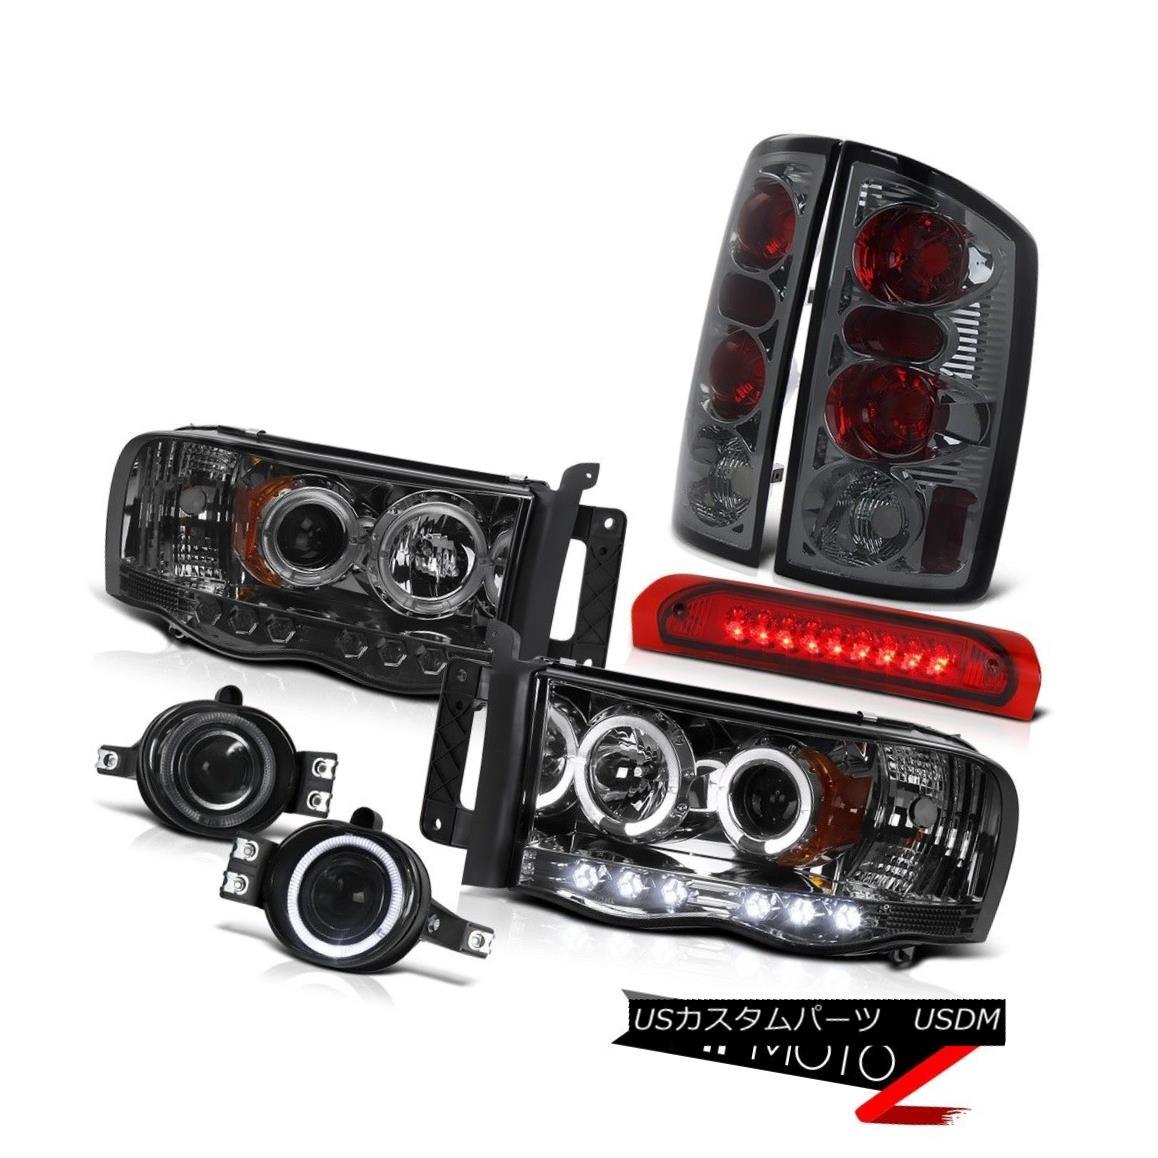 テールライト Smoke Halo Projector Headlight+LED 3rd Brake/Tail Lamp+Fog Light Dodge 02-05 RAM スモークハロープロジェクターヘッドライト+ LED第3ブレーキ/テールランプ+フォグライトドッジ02-05 RAM